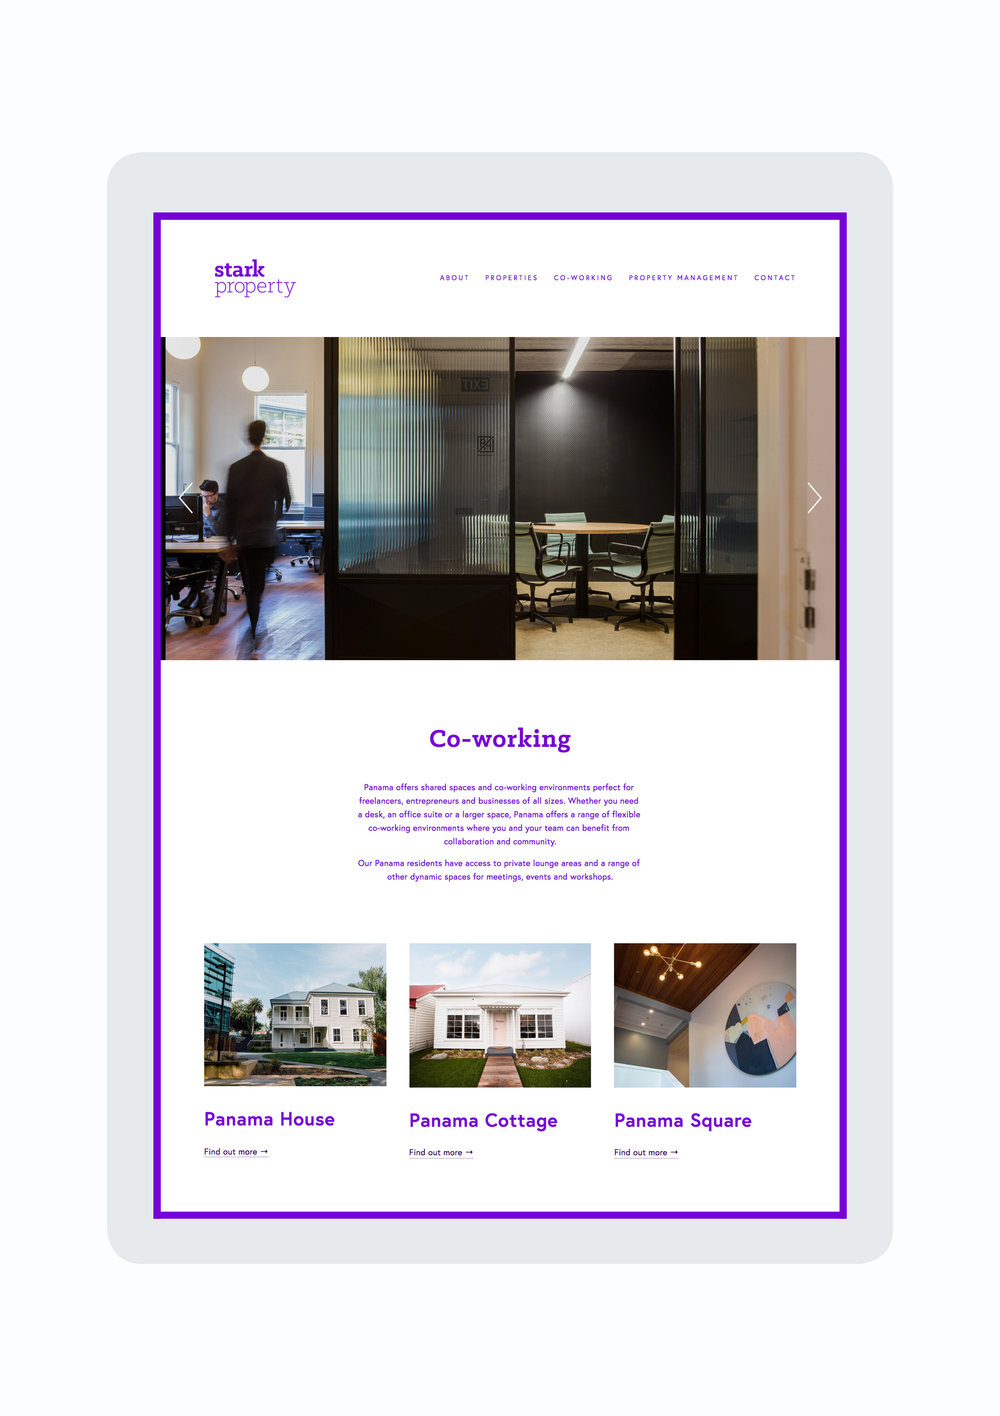 designwell-stark-property-website4.jpg